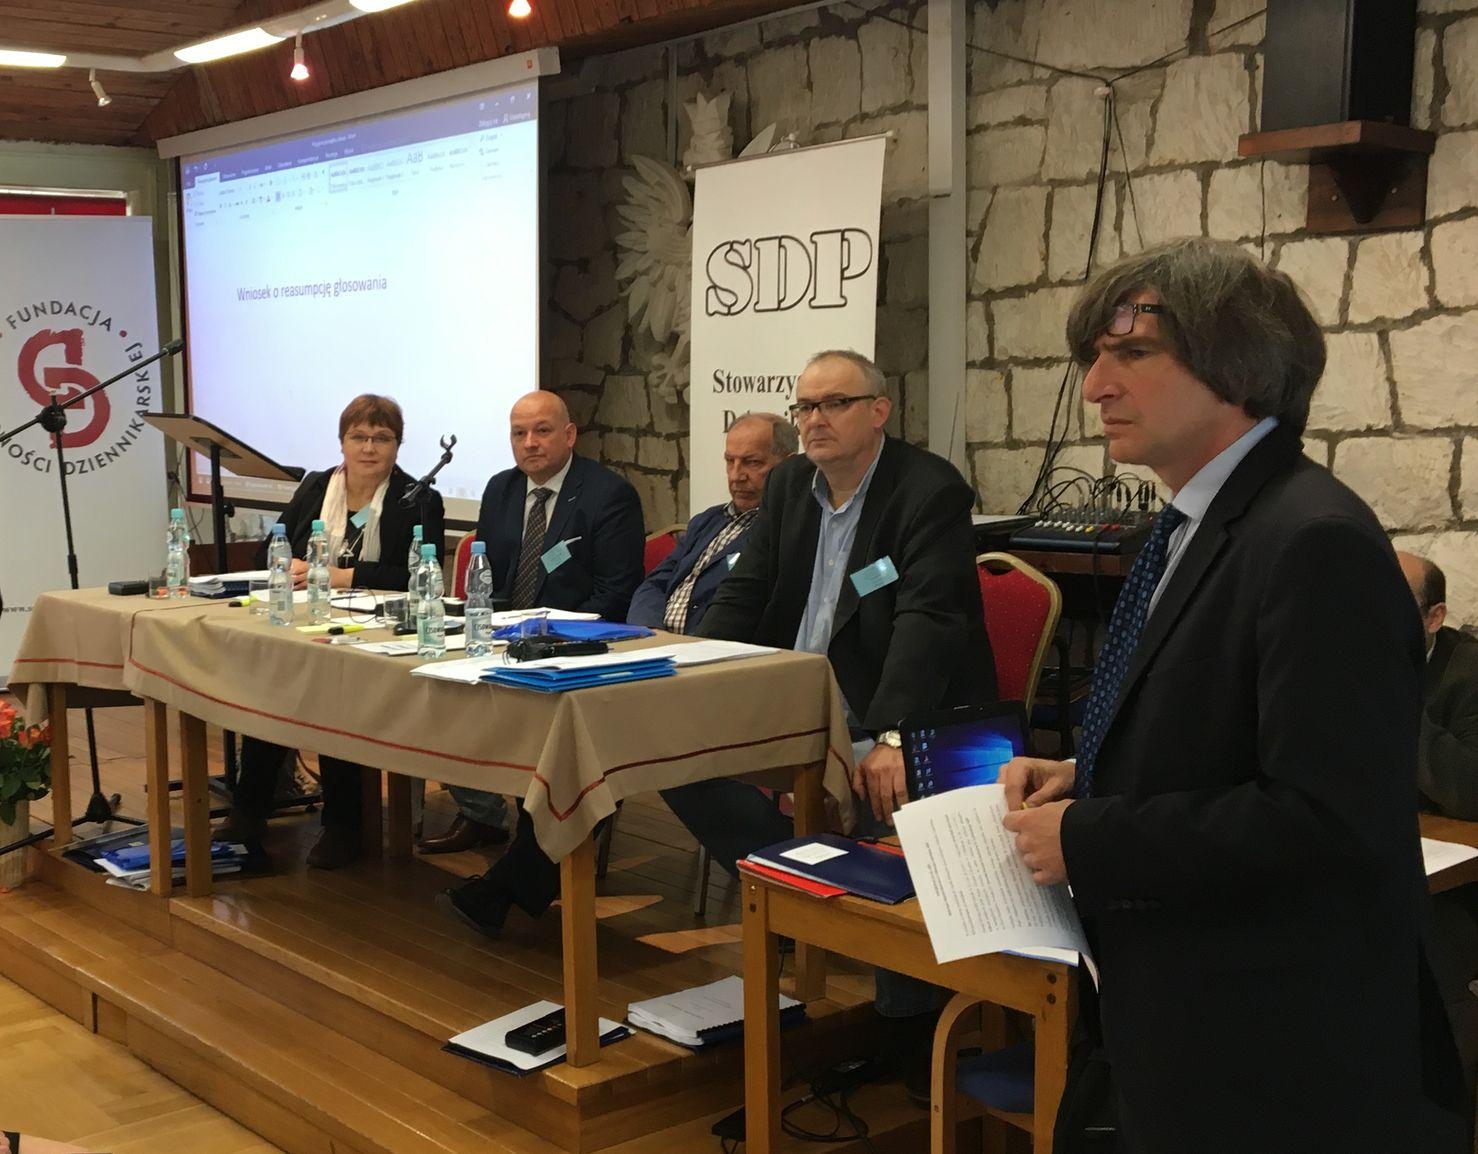 Zjazd SDP w Kazimierzu_fot_J_Wikowski IMG_9504